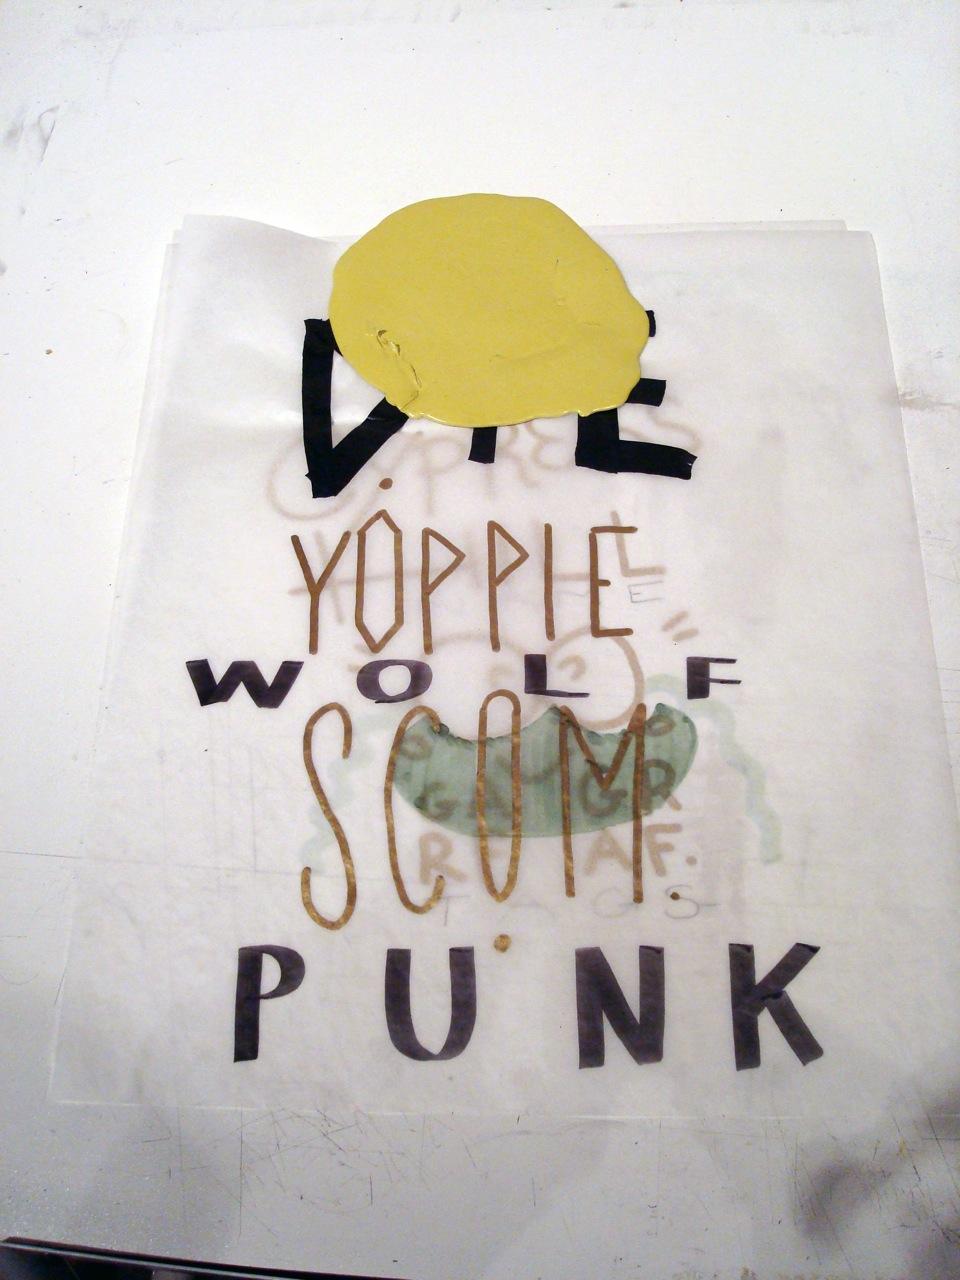 Yuppie Punk